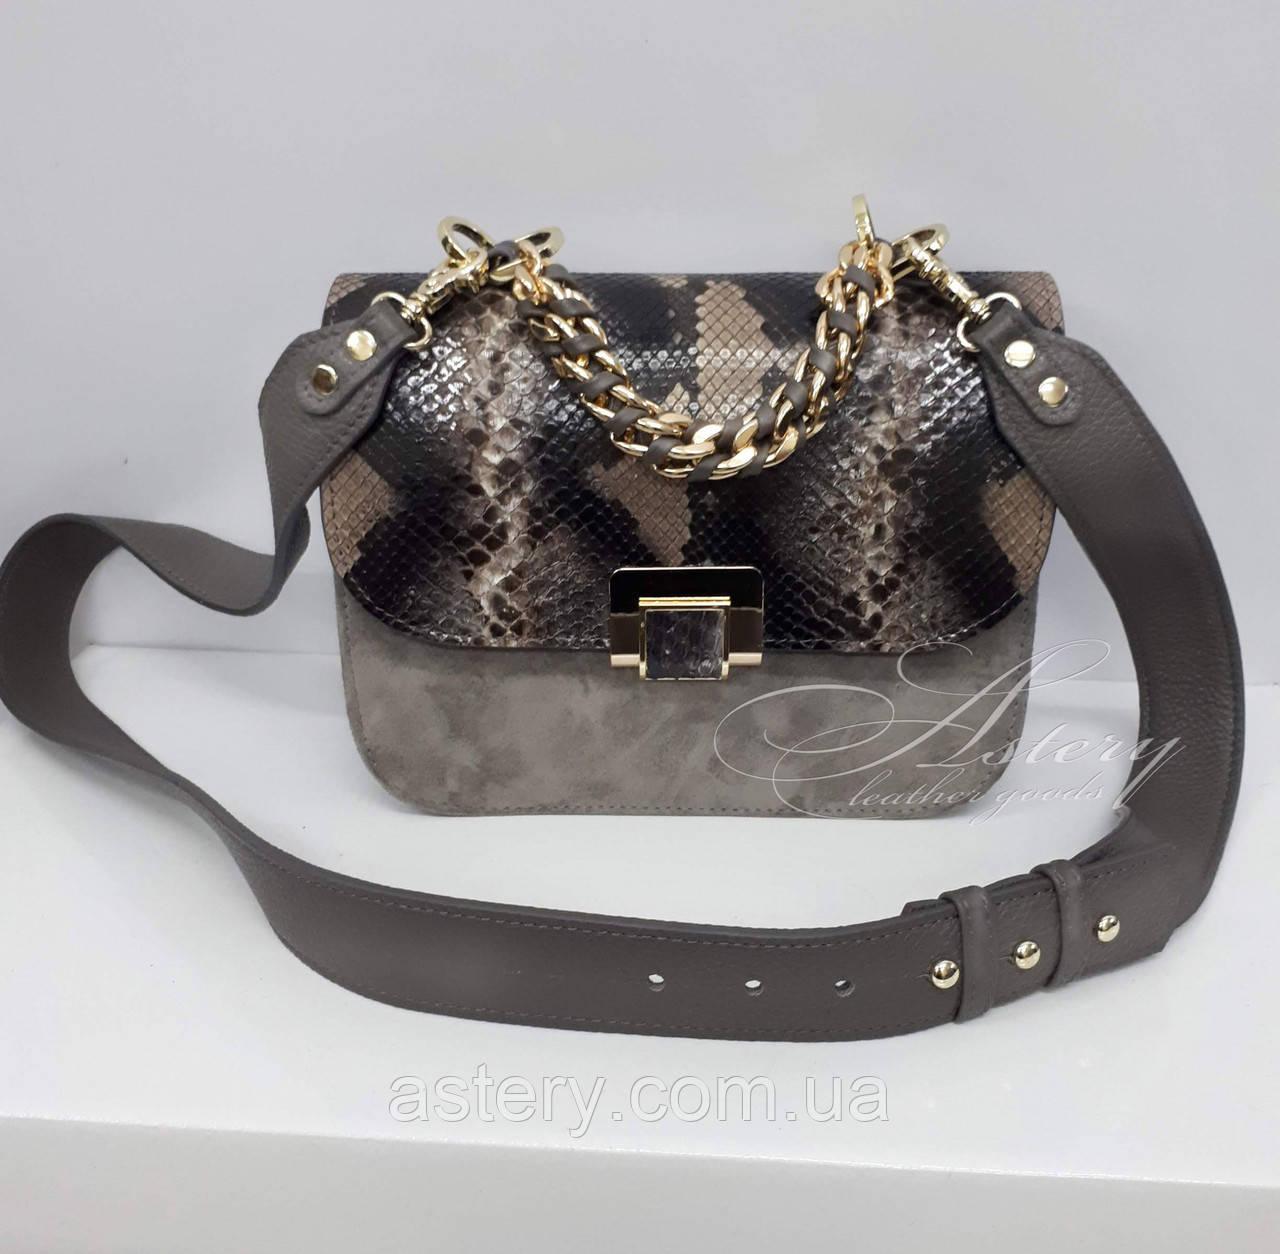 cc89e9a347d3 Женская серая замшевая сумка AGATA Gold с серым питоном - Astery Leather  Goods в Киеве